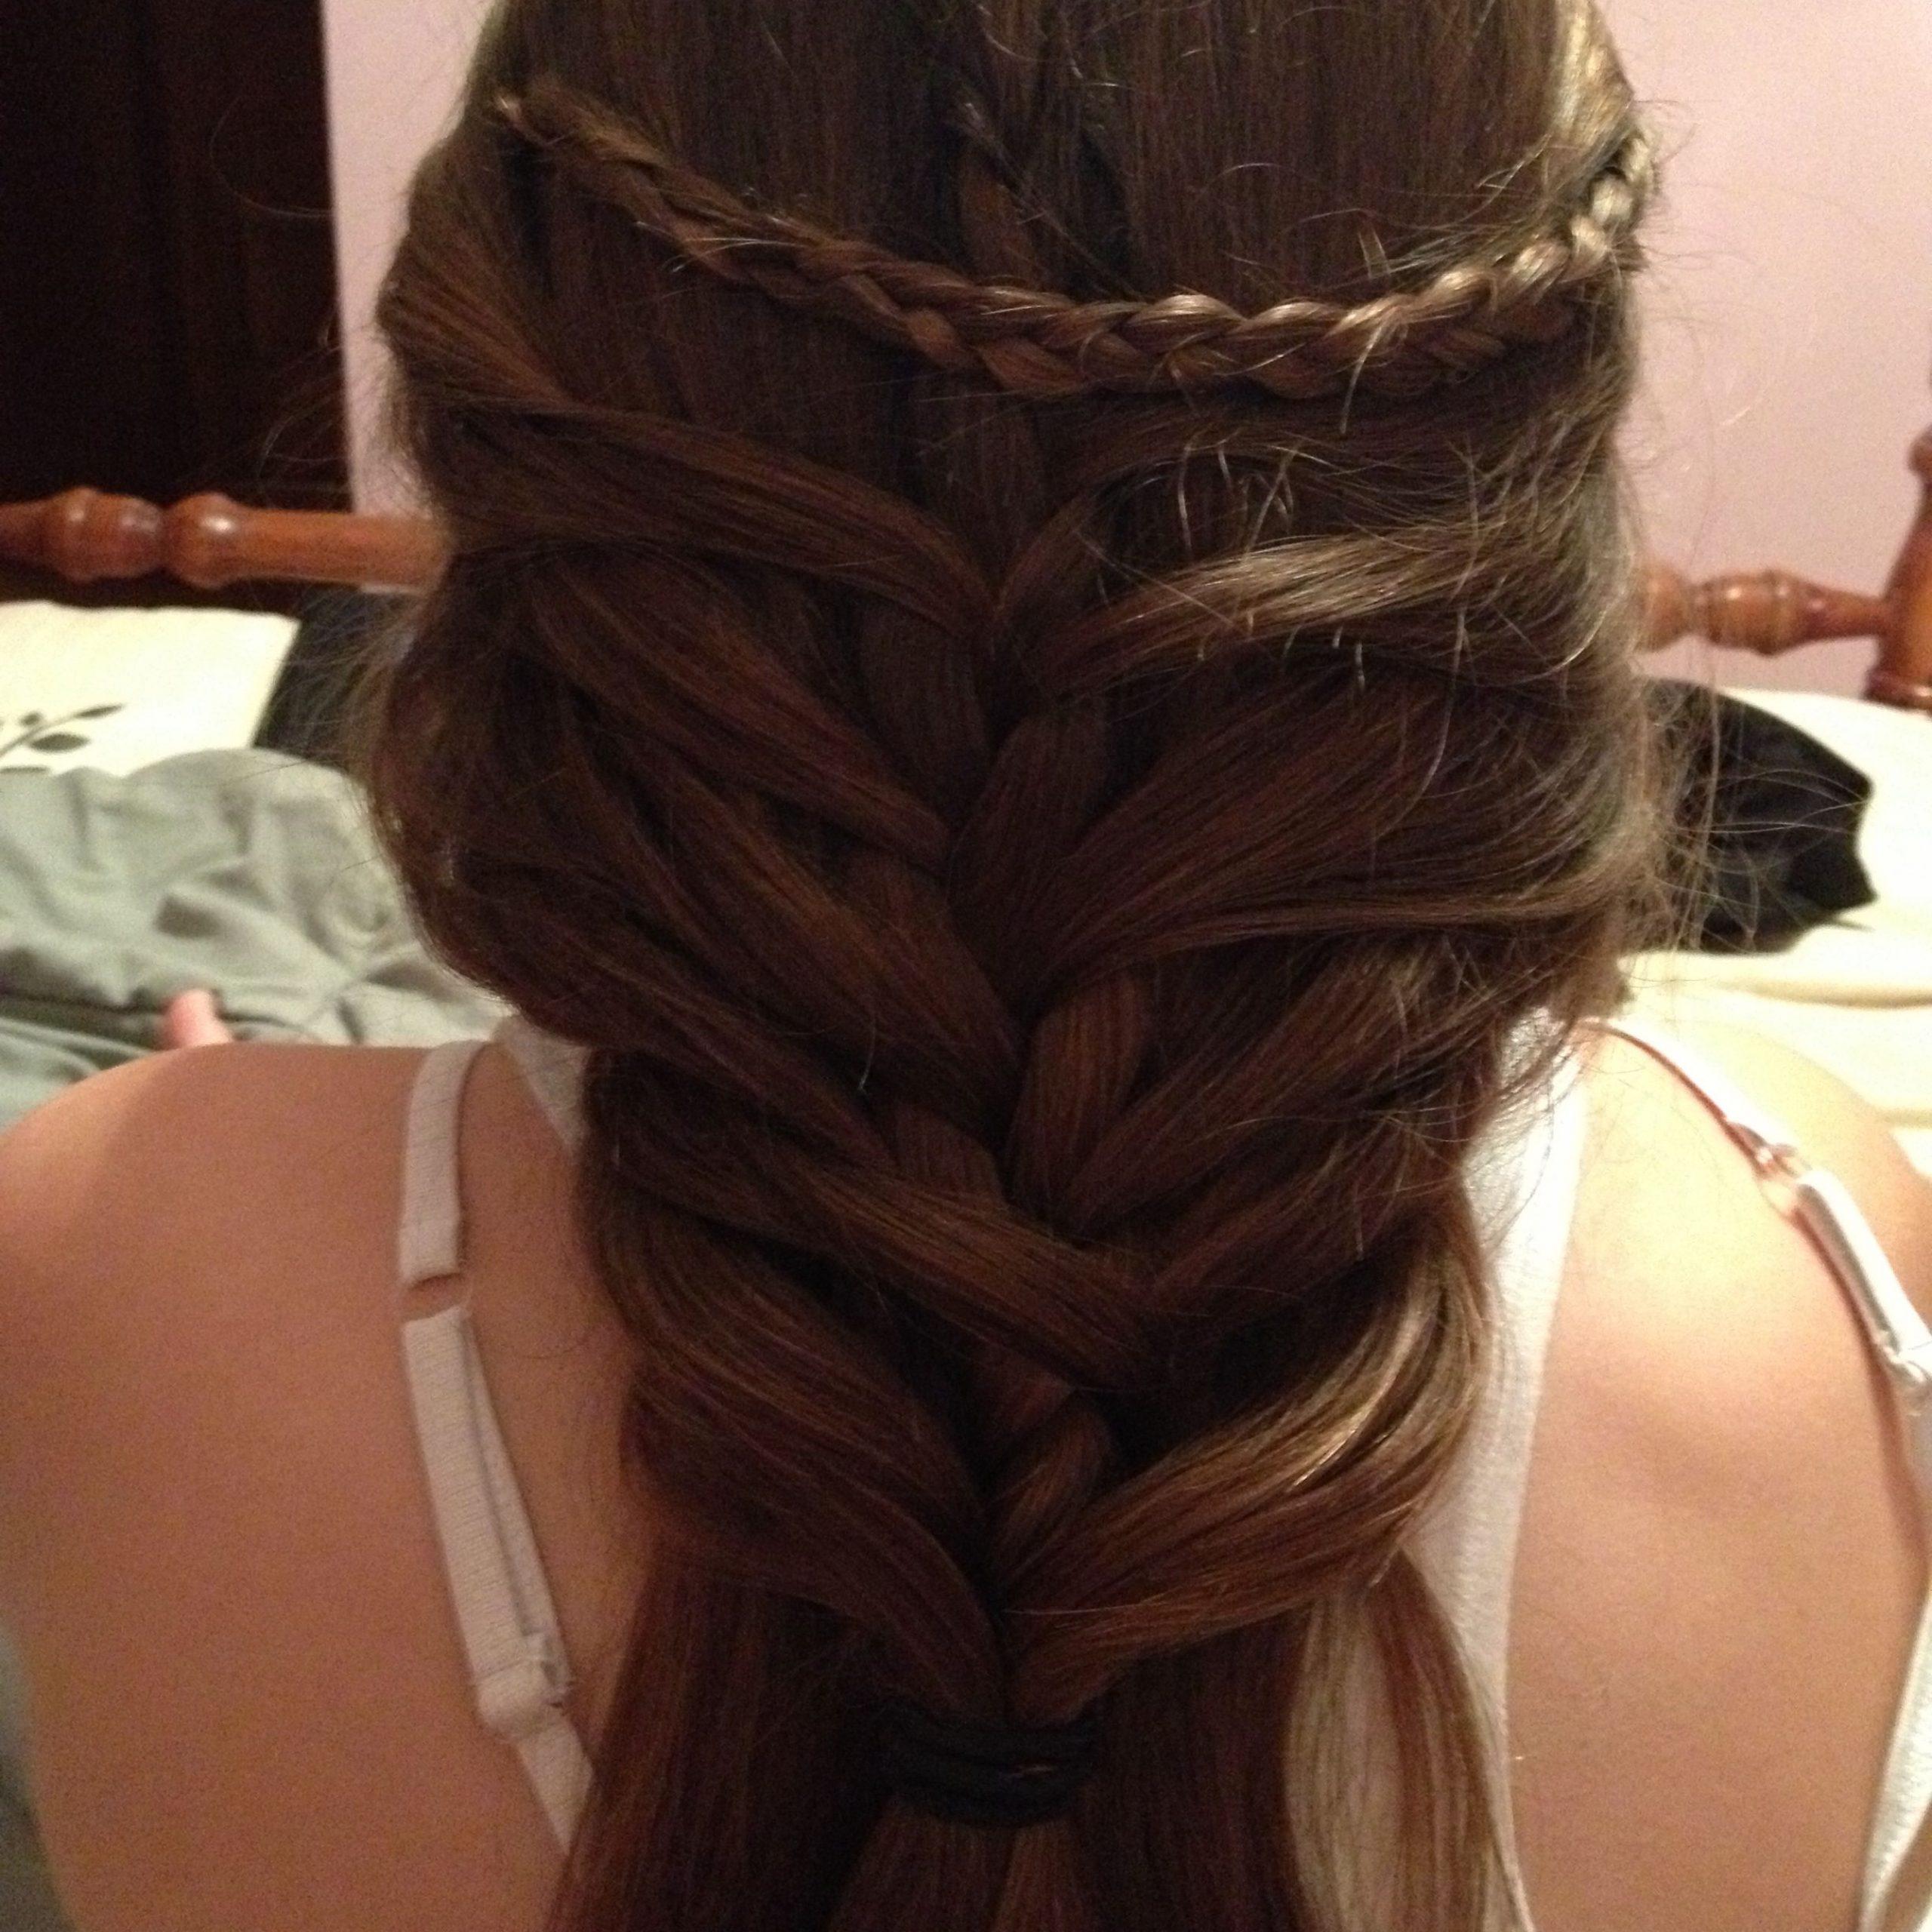 Mermaid Braid, Wedding Hairstyles, Hair Styles (View 4 of 20)